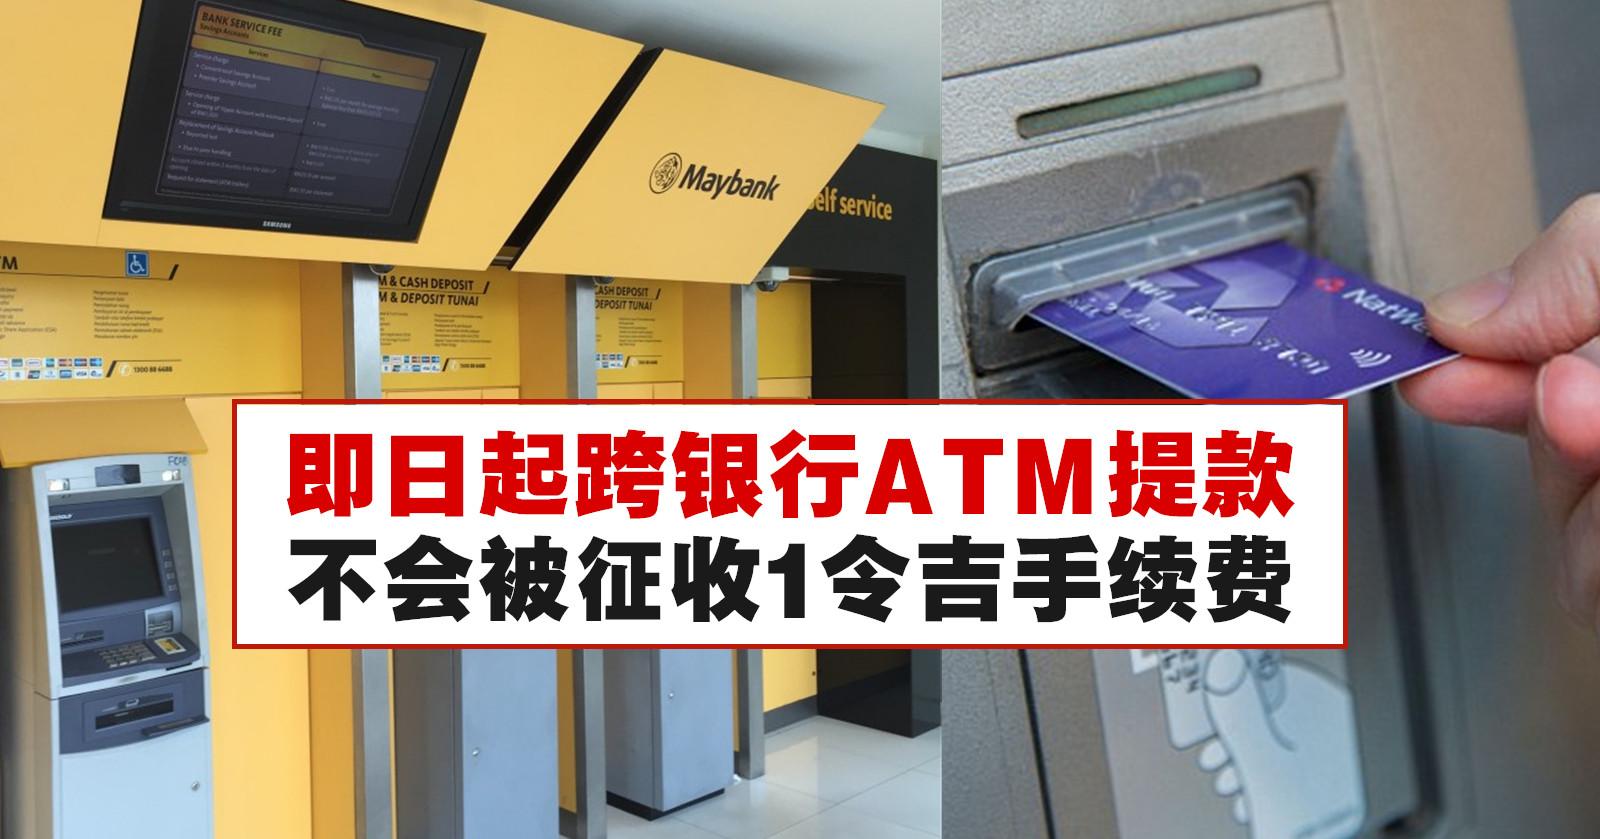 即日起跨银行ATM提款不会被征收1令吉手续费